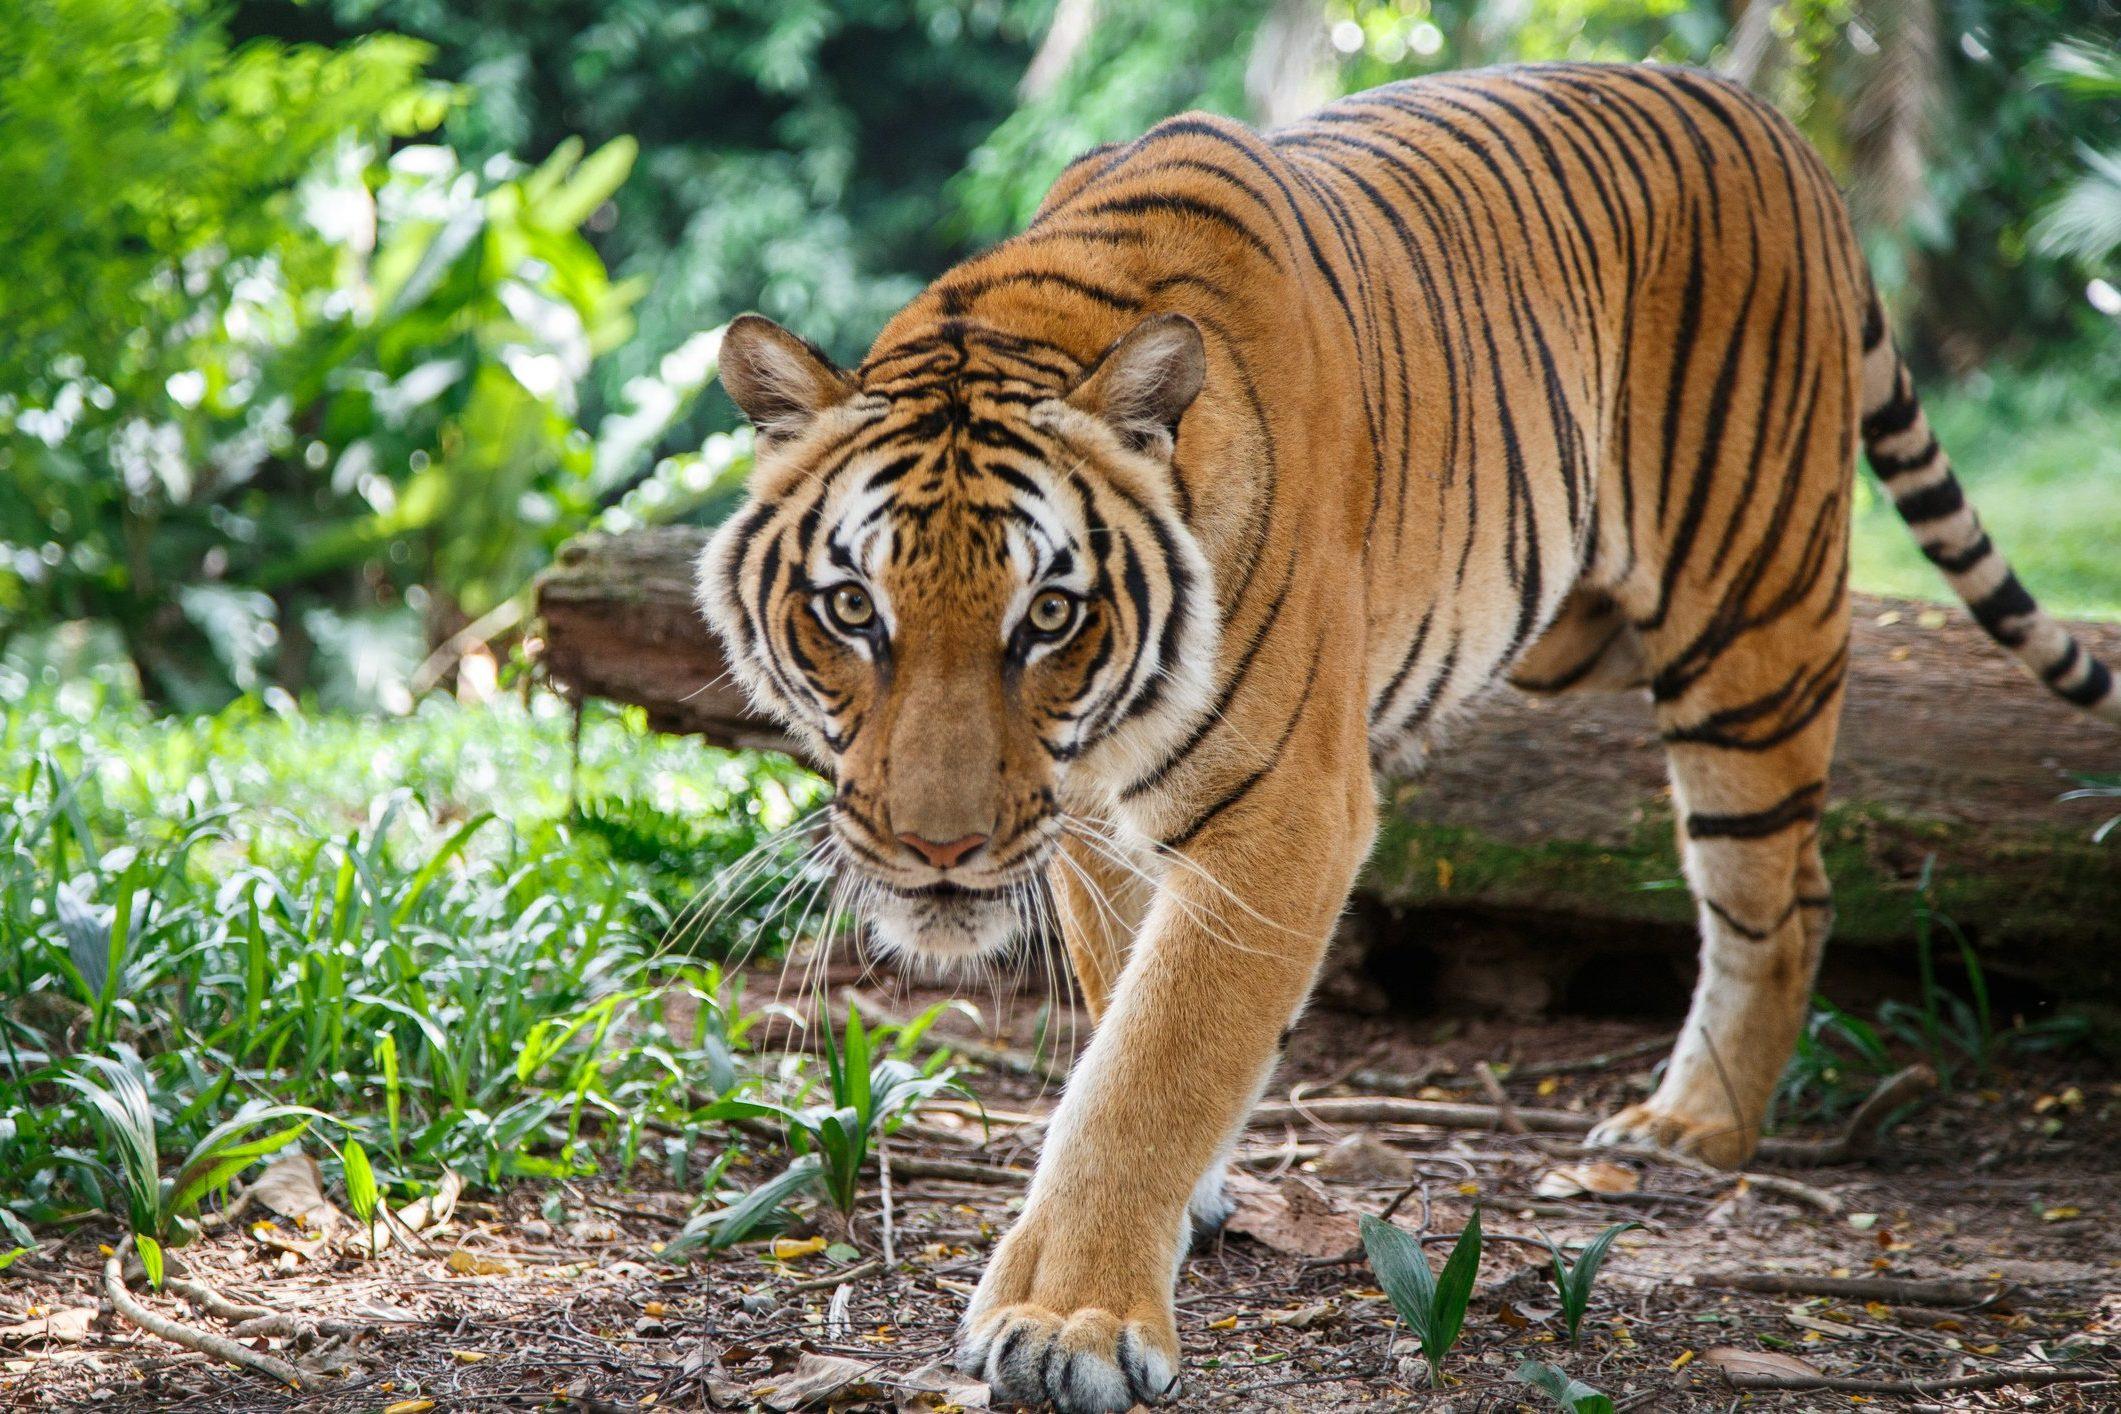 International Tiger Day 2021 - National Awareness Days Calendar 2021